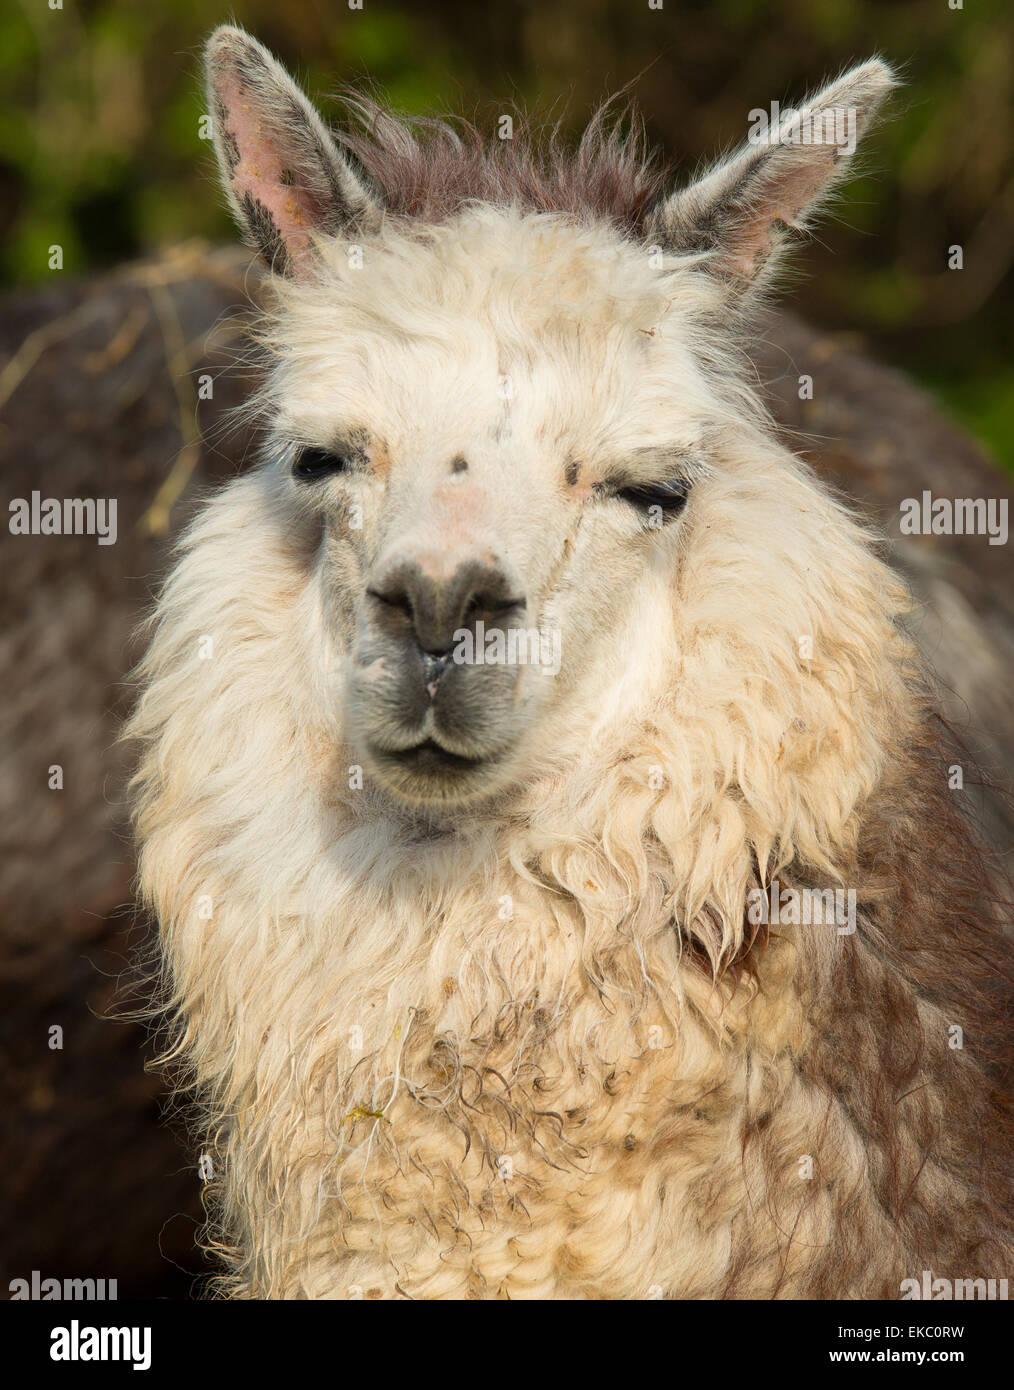 Ritratto di alpaca sud American camelid assomiglia a piccole llama con casacca utilizzata per la lana e carino sorriso Immagini Stock